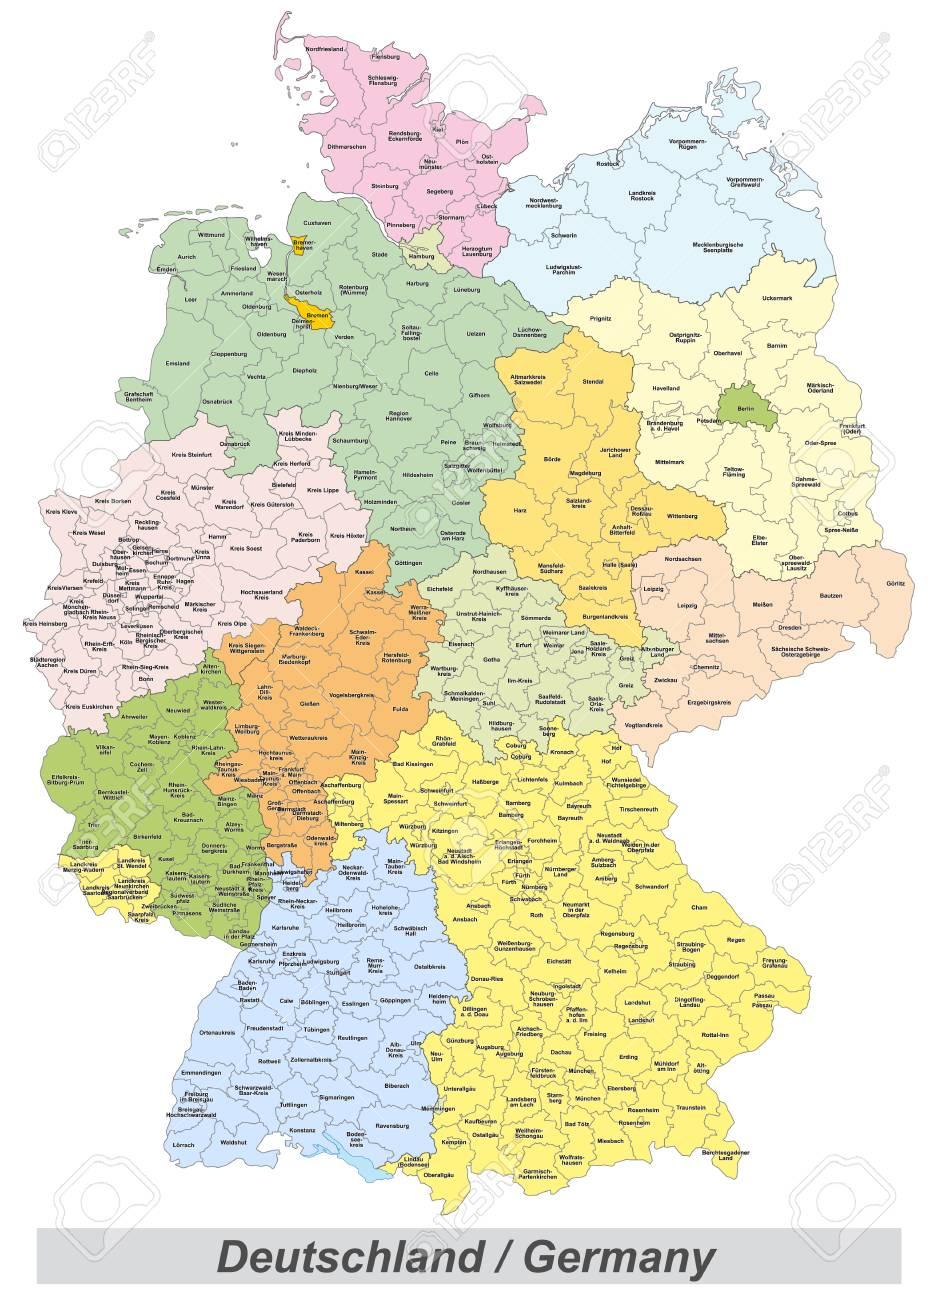 deutschland landkreise karte Deutschland Karte Mit Den Landkreisen Sehenswürdigkeiten Und